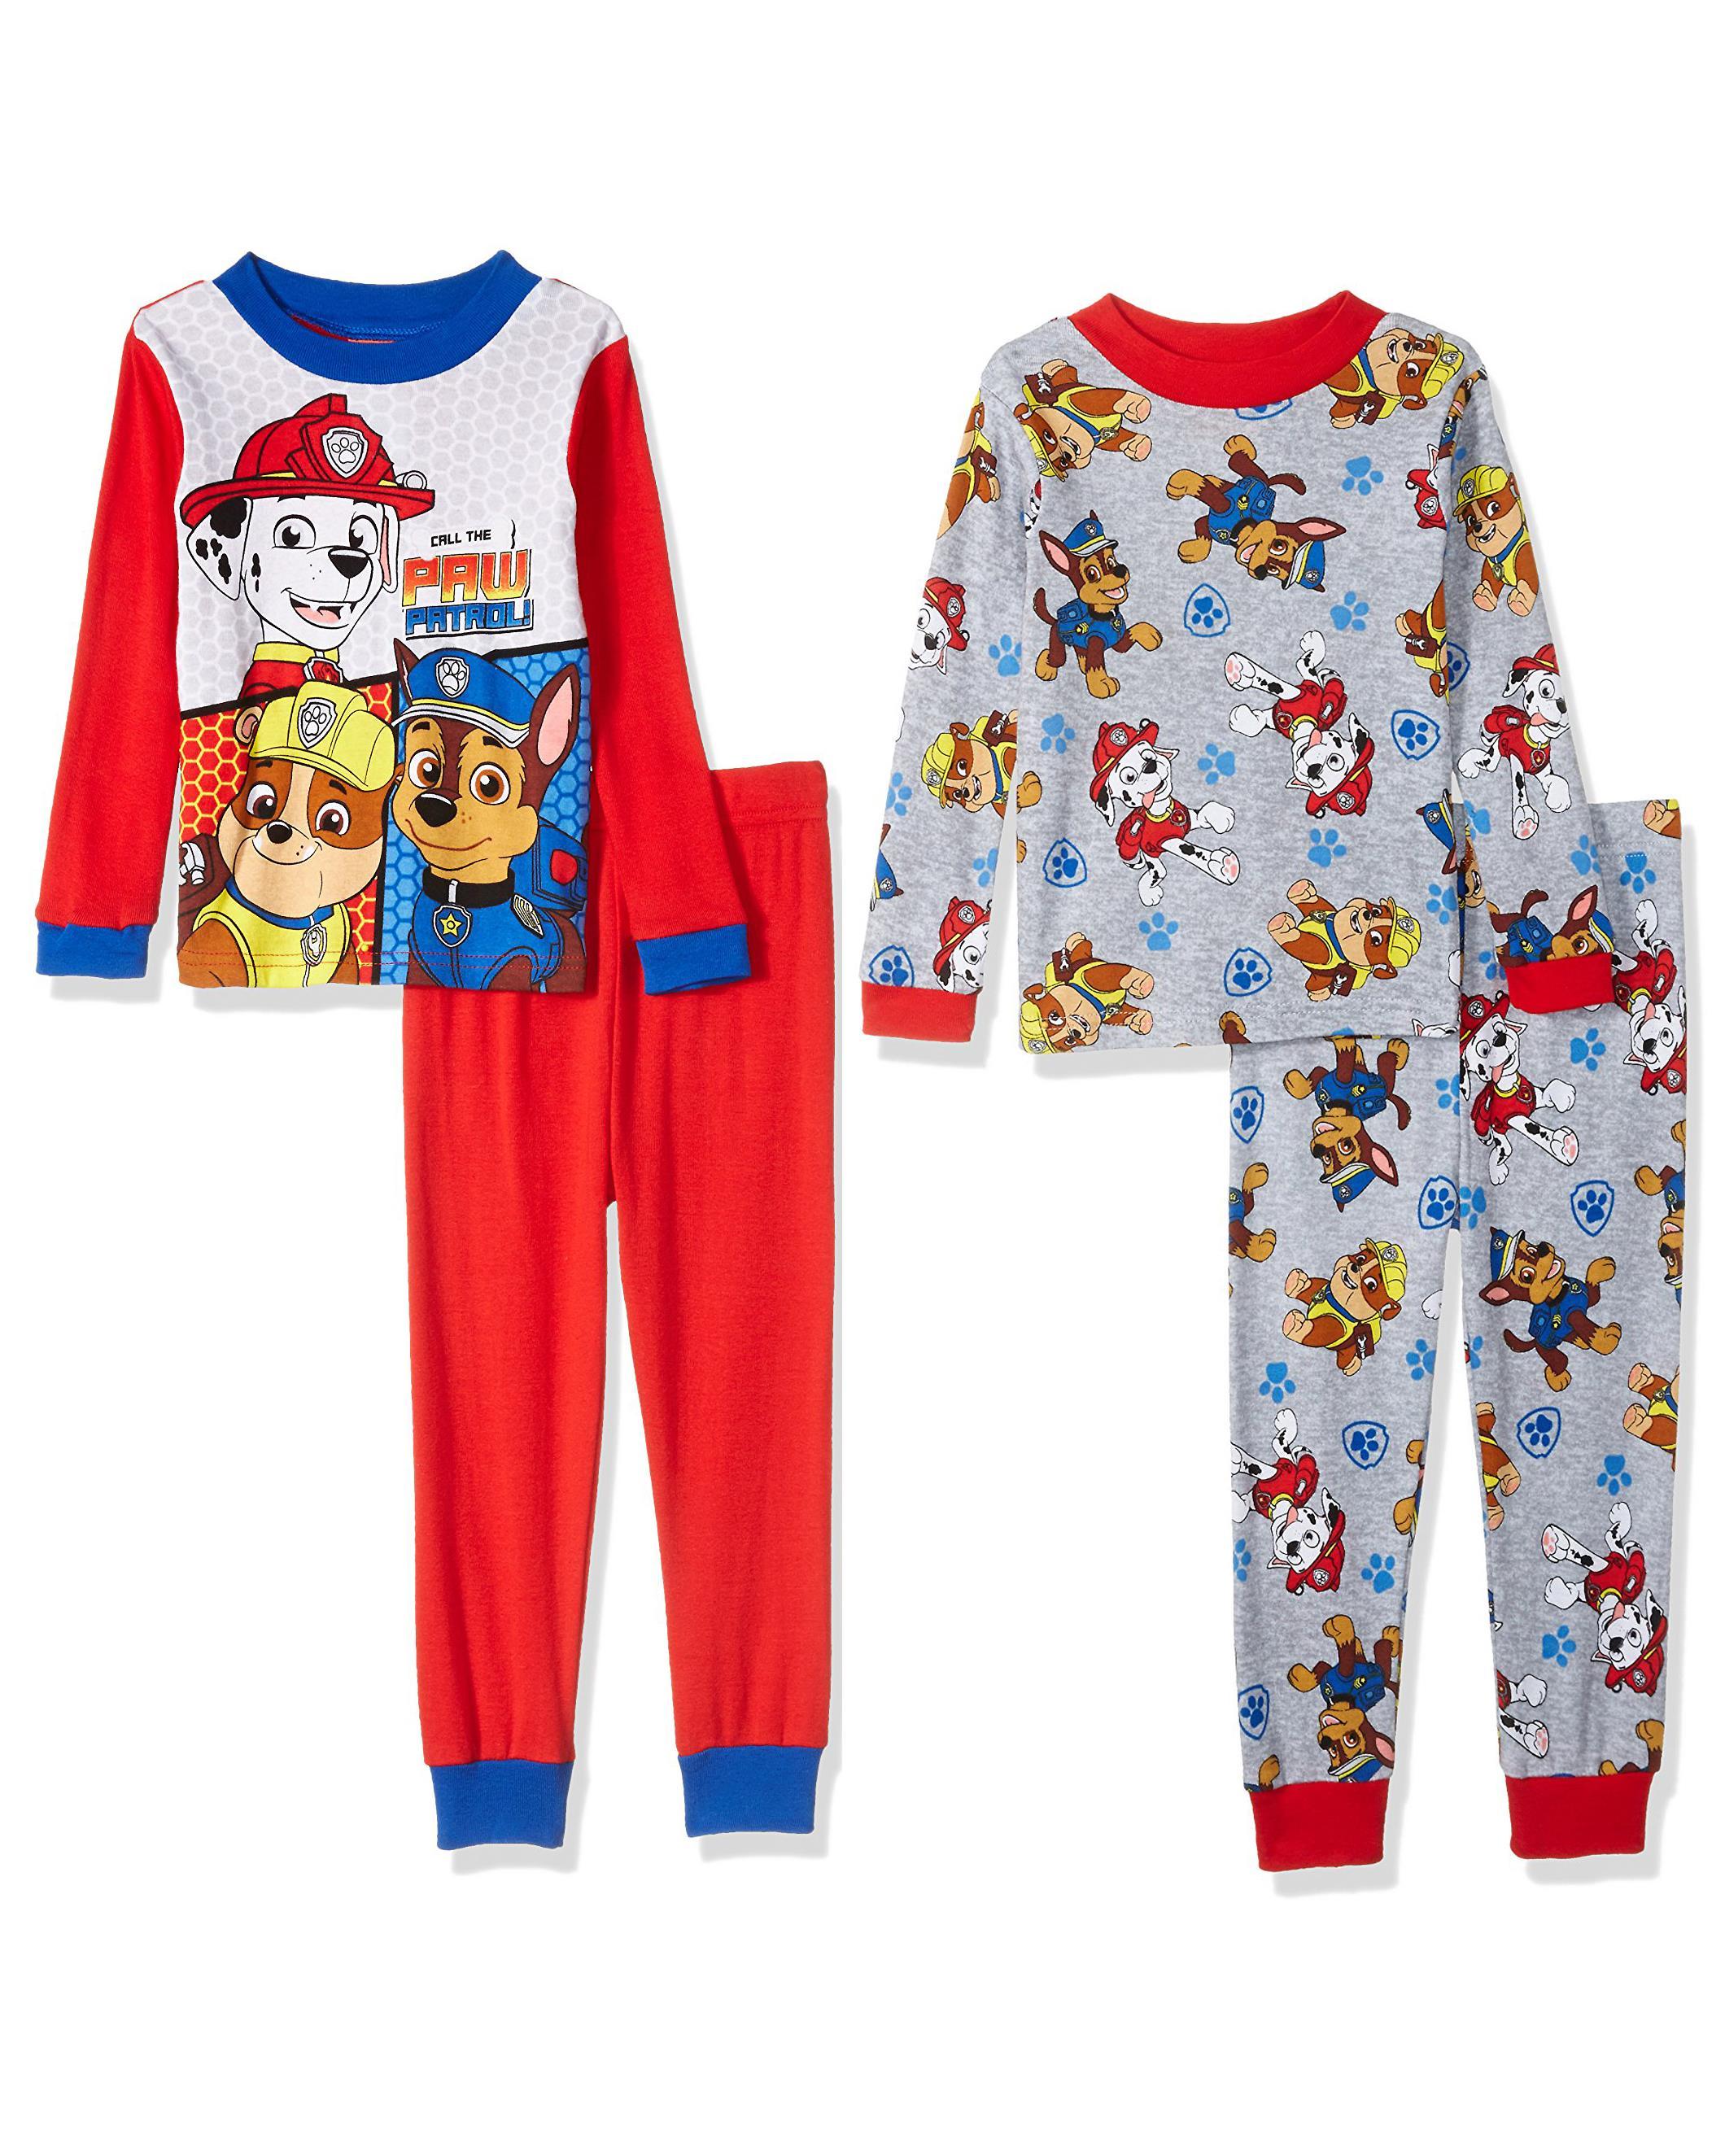 Nickelodeon Baby Boys Paw Patrol 2-Piece Fleece Pajama Set